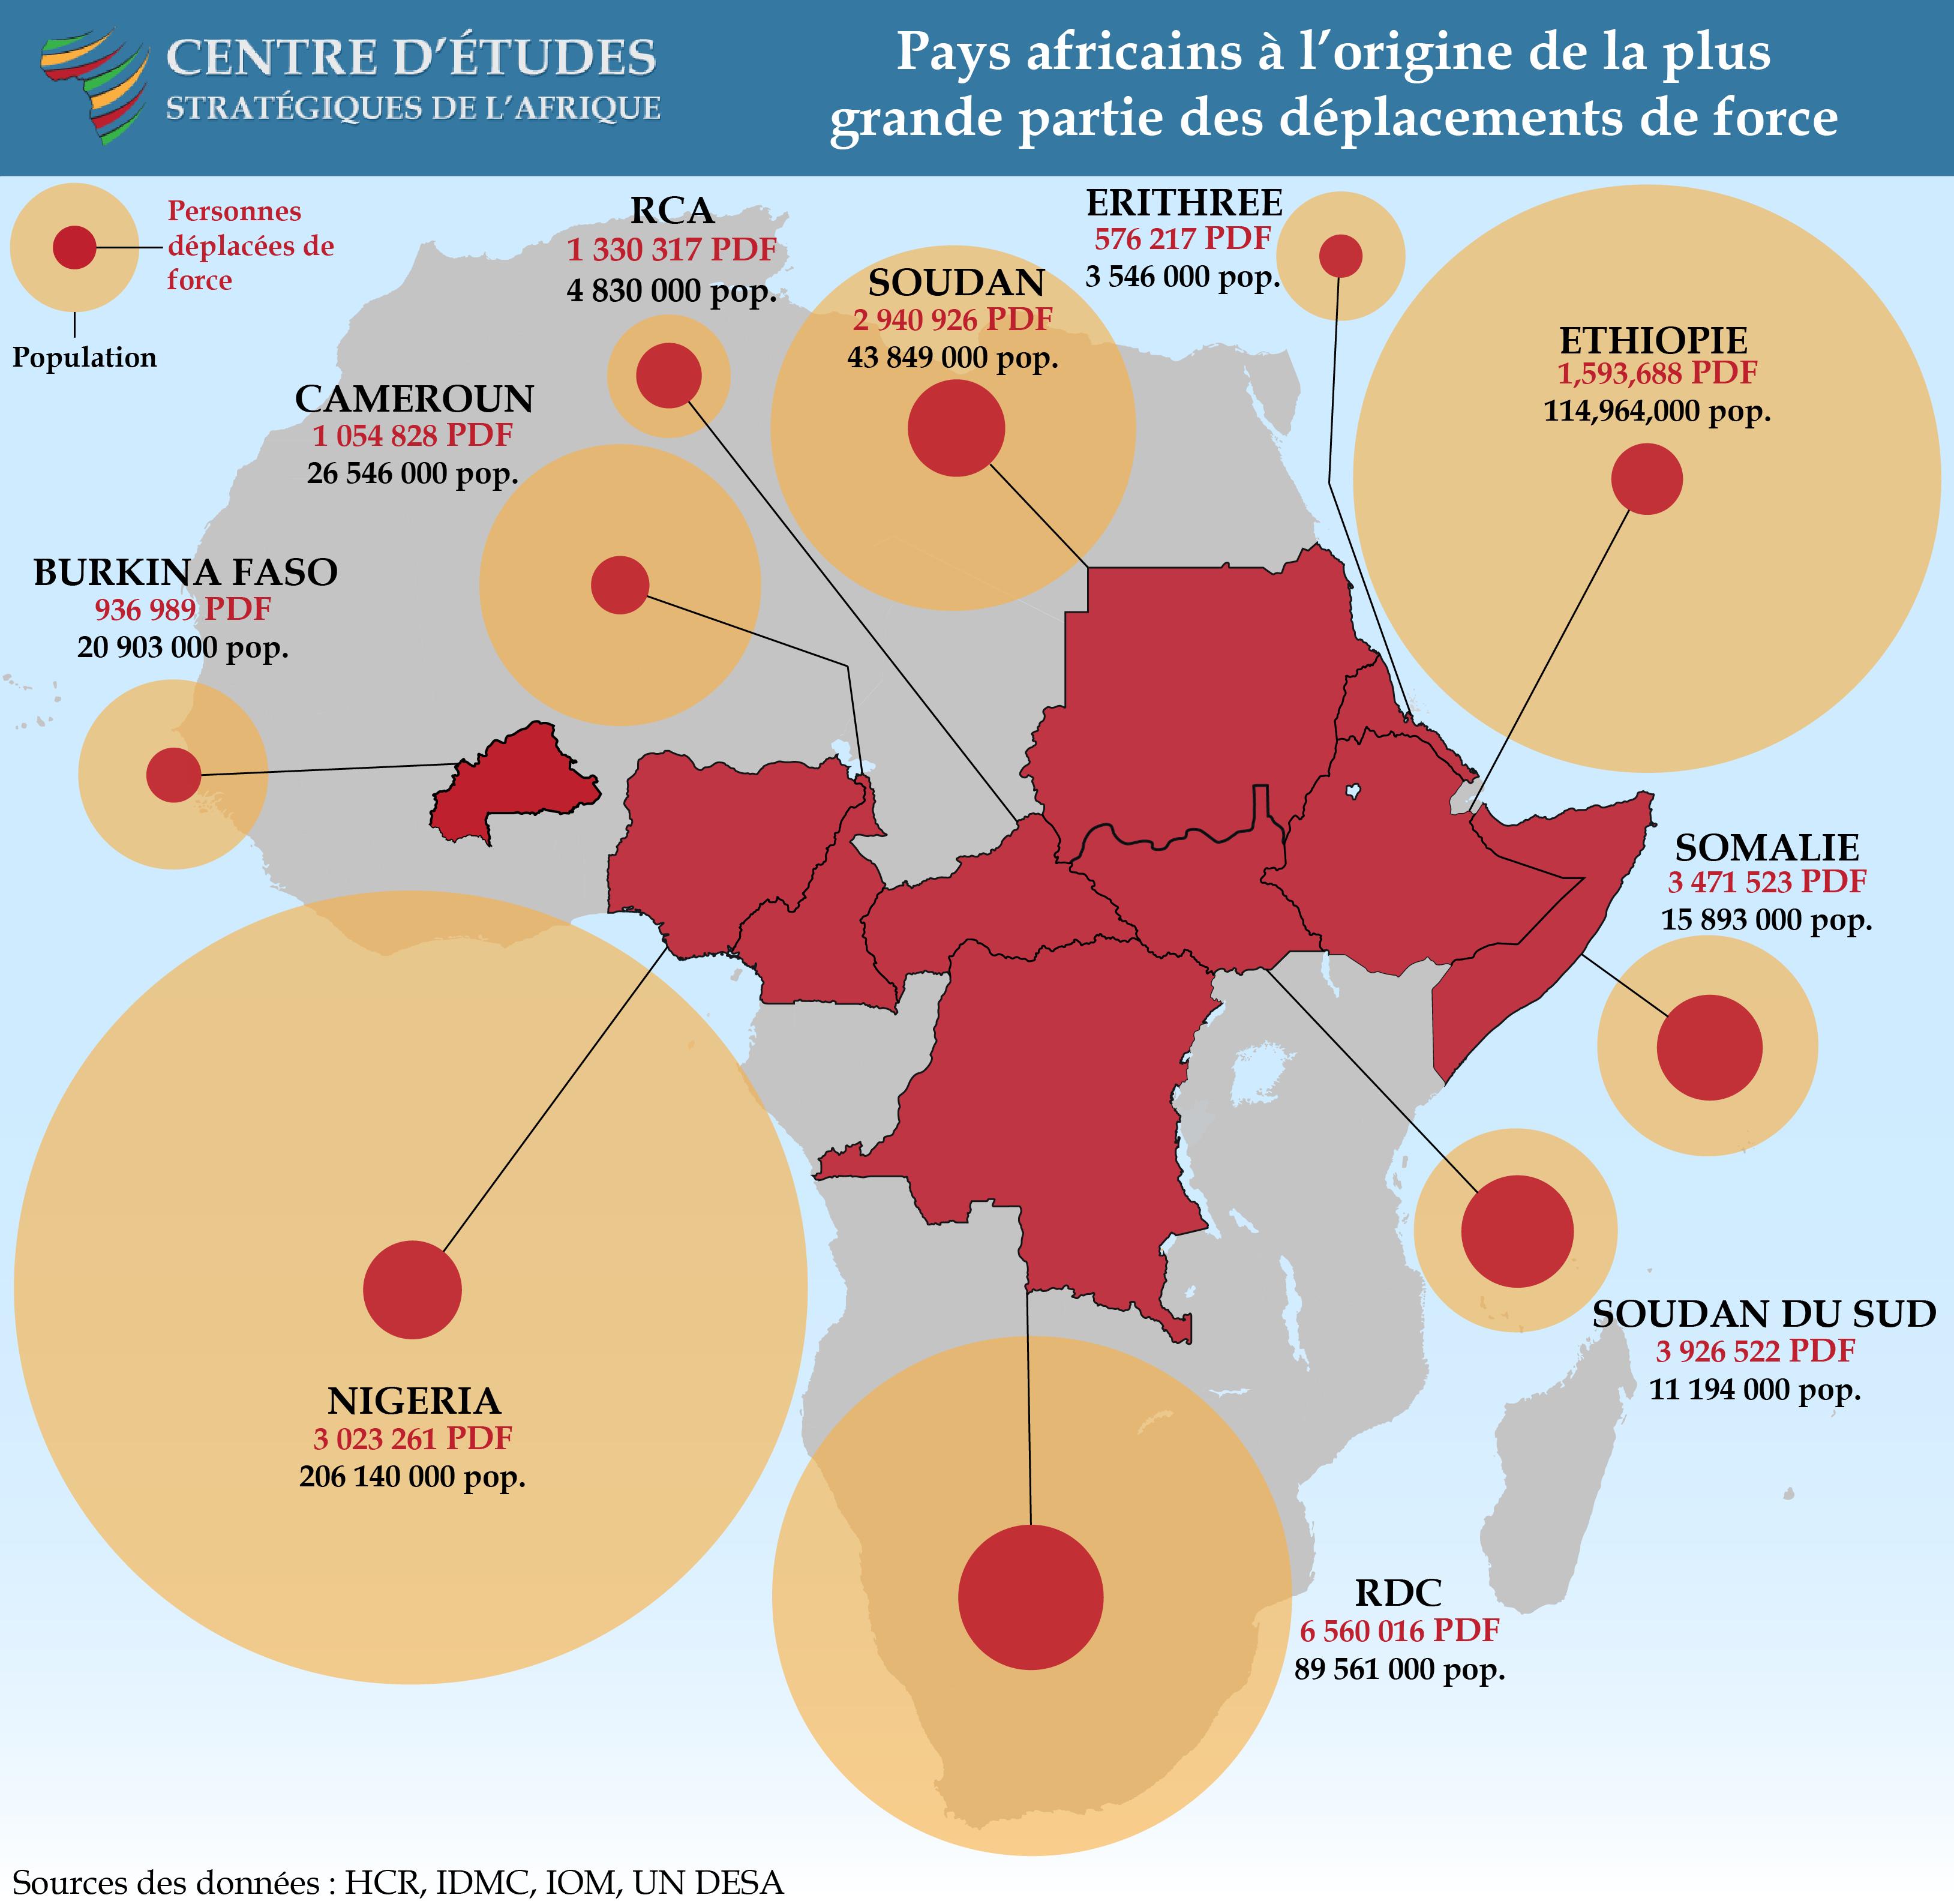 Carte - Pays africains a l'origine de la plus grande partie des déplacements de force